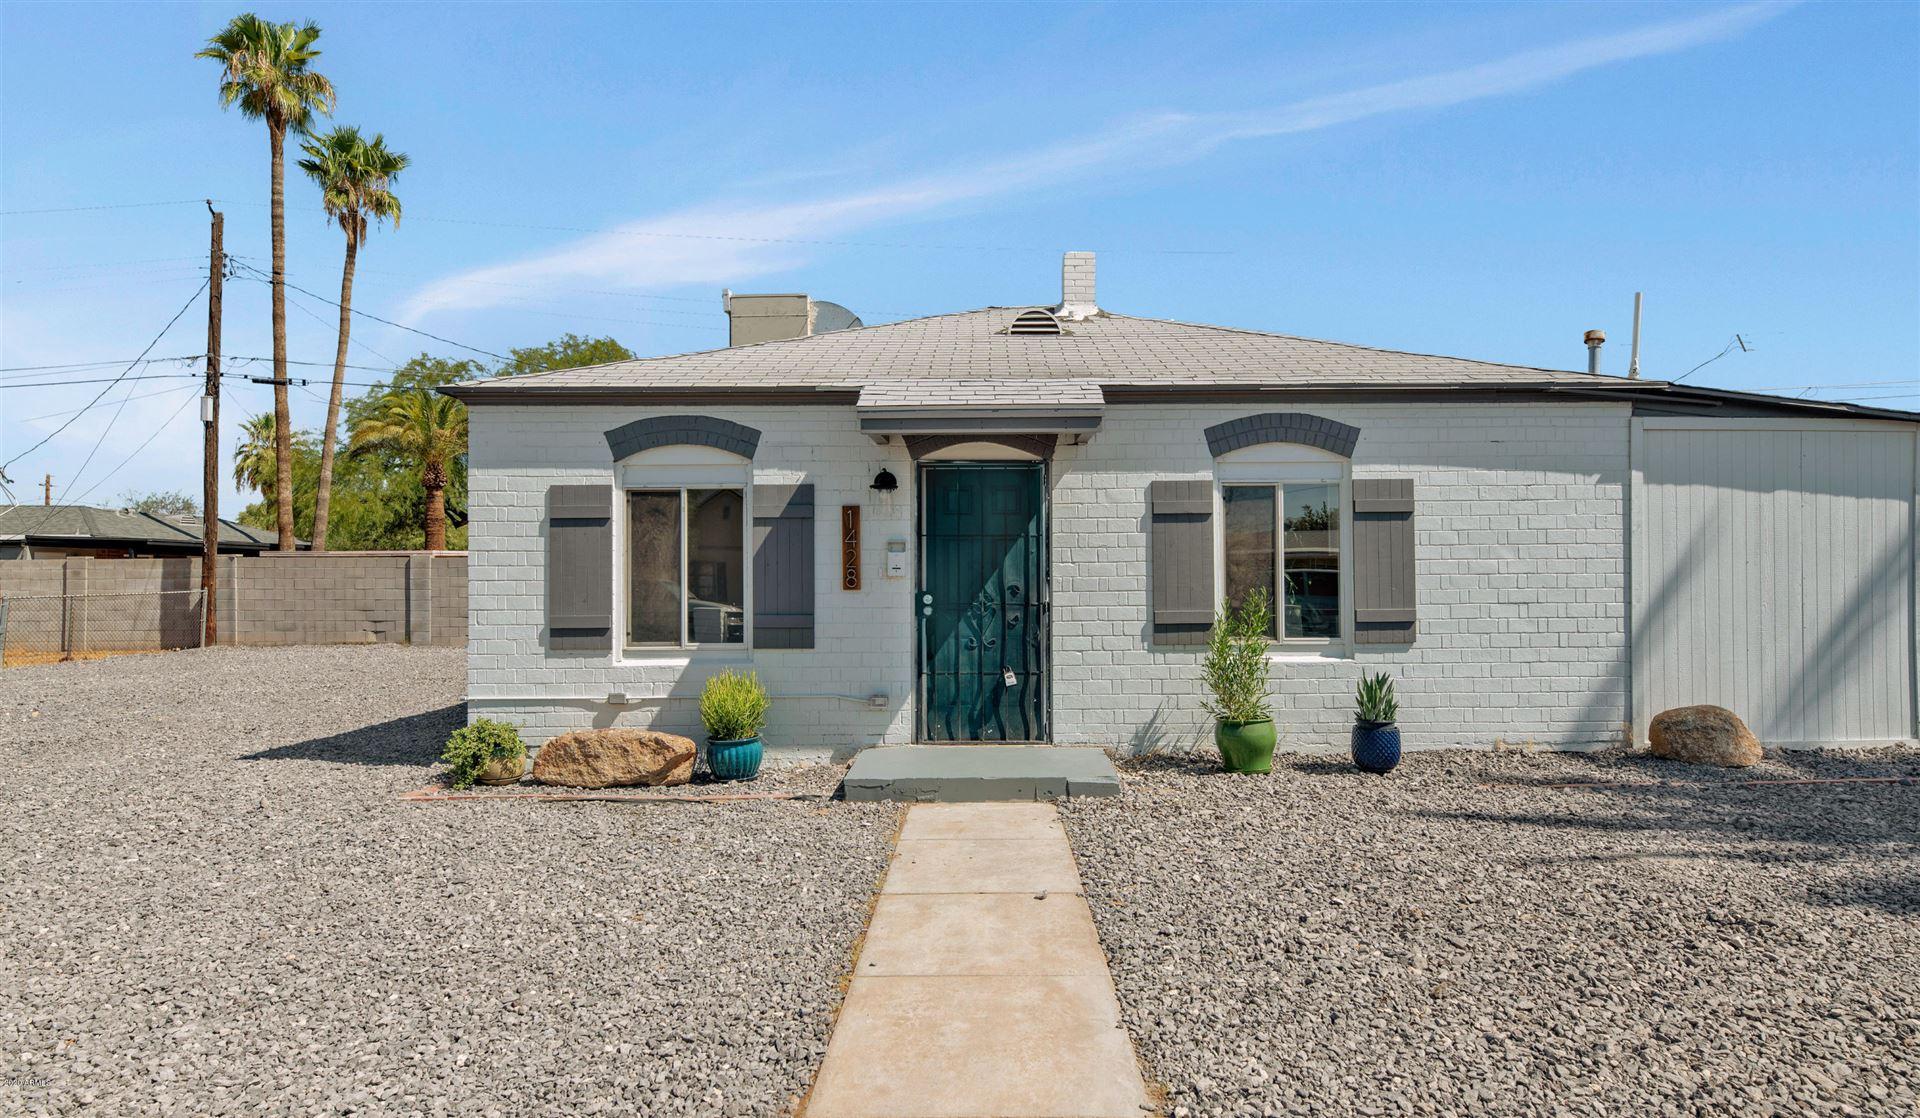 1428 E PORTLAND Street, Phoenix, AZ 85006 - MLS#: 6117527